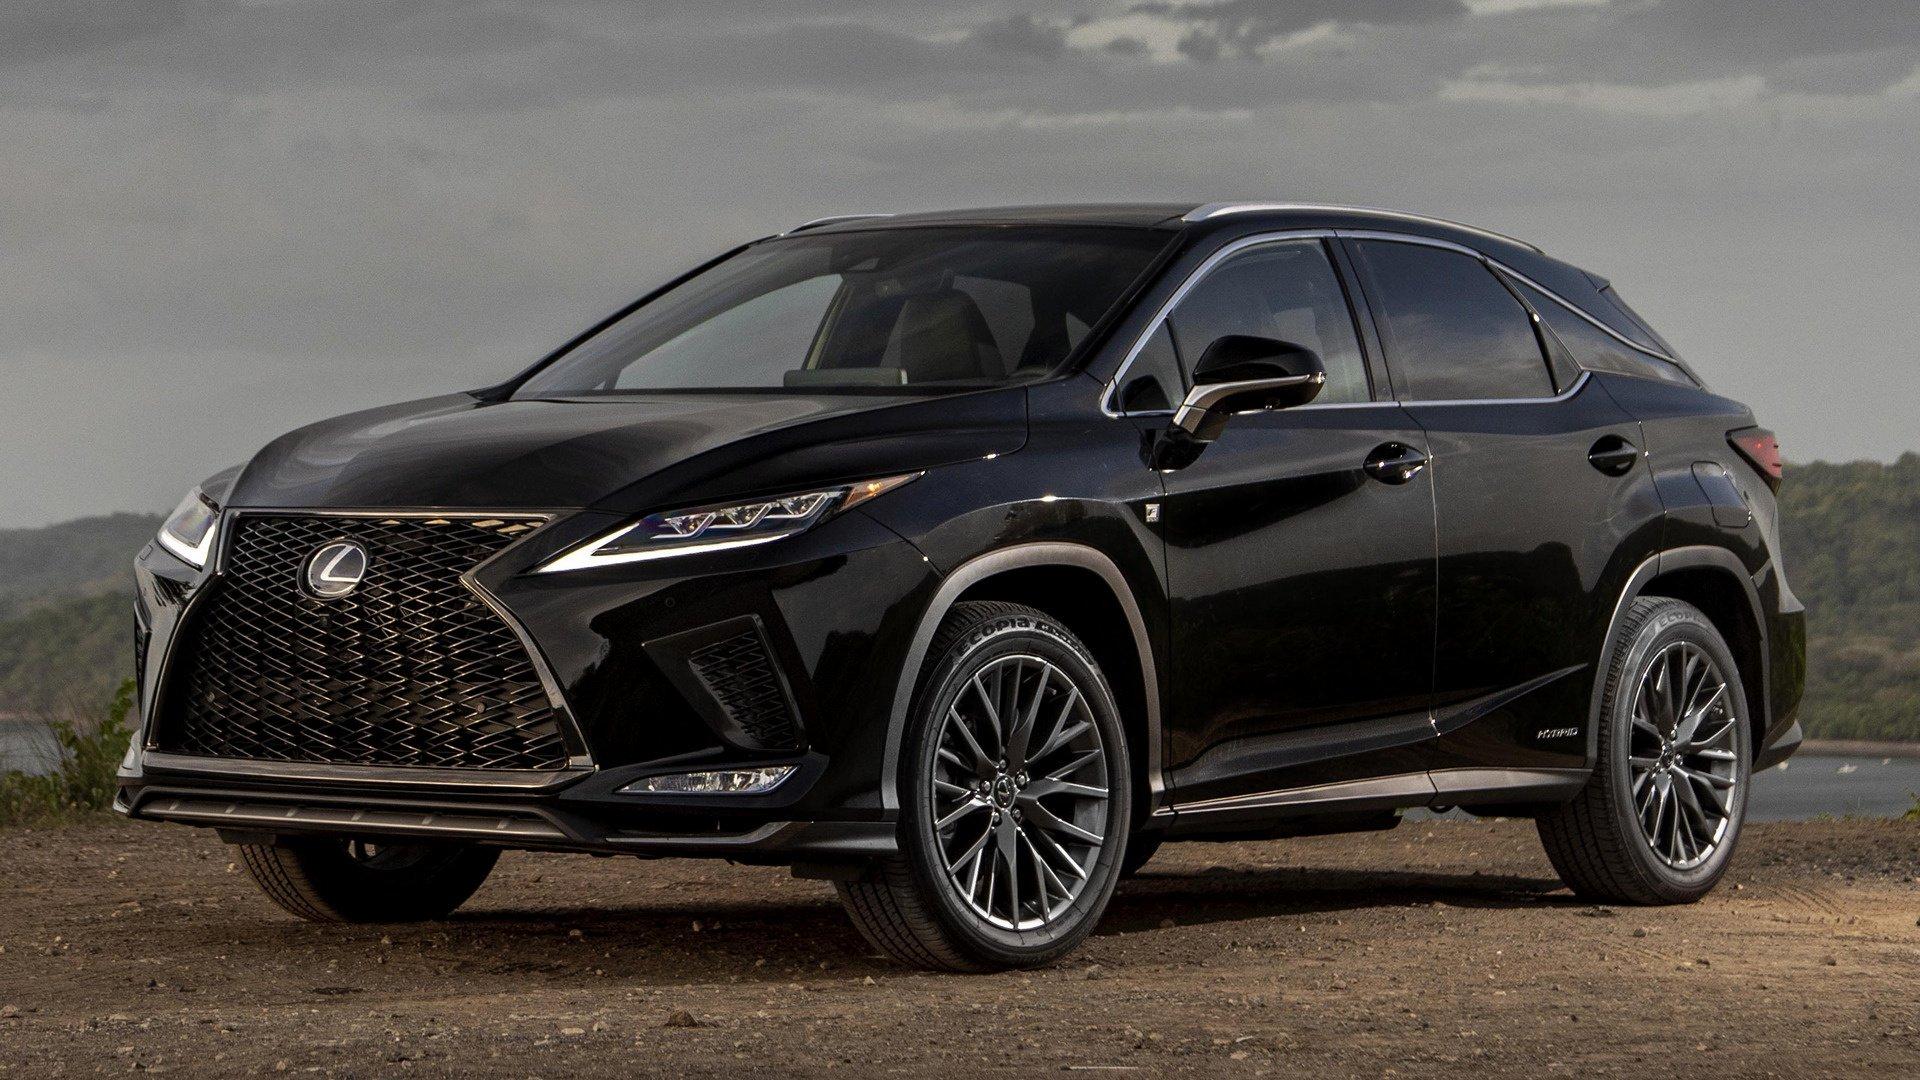 2020 Lexus RX 450h New Concept